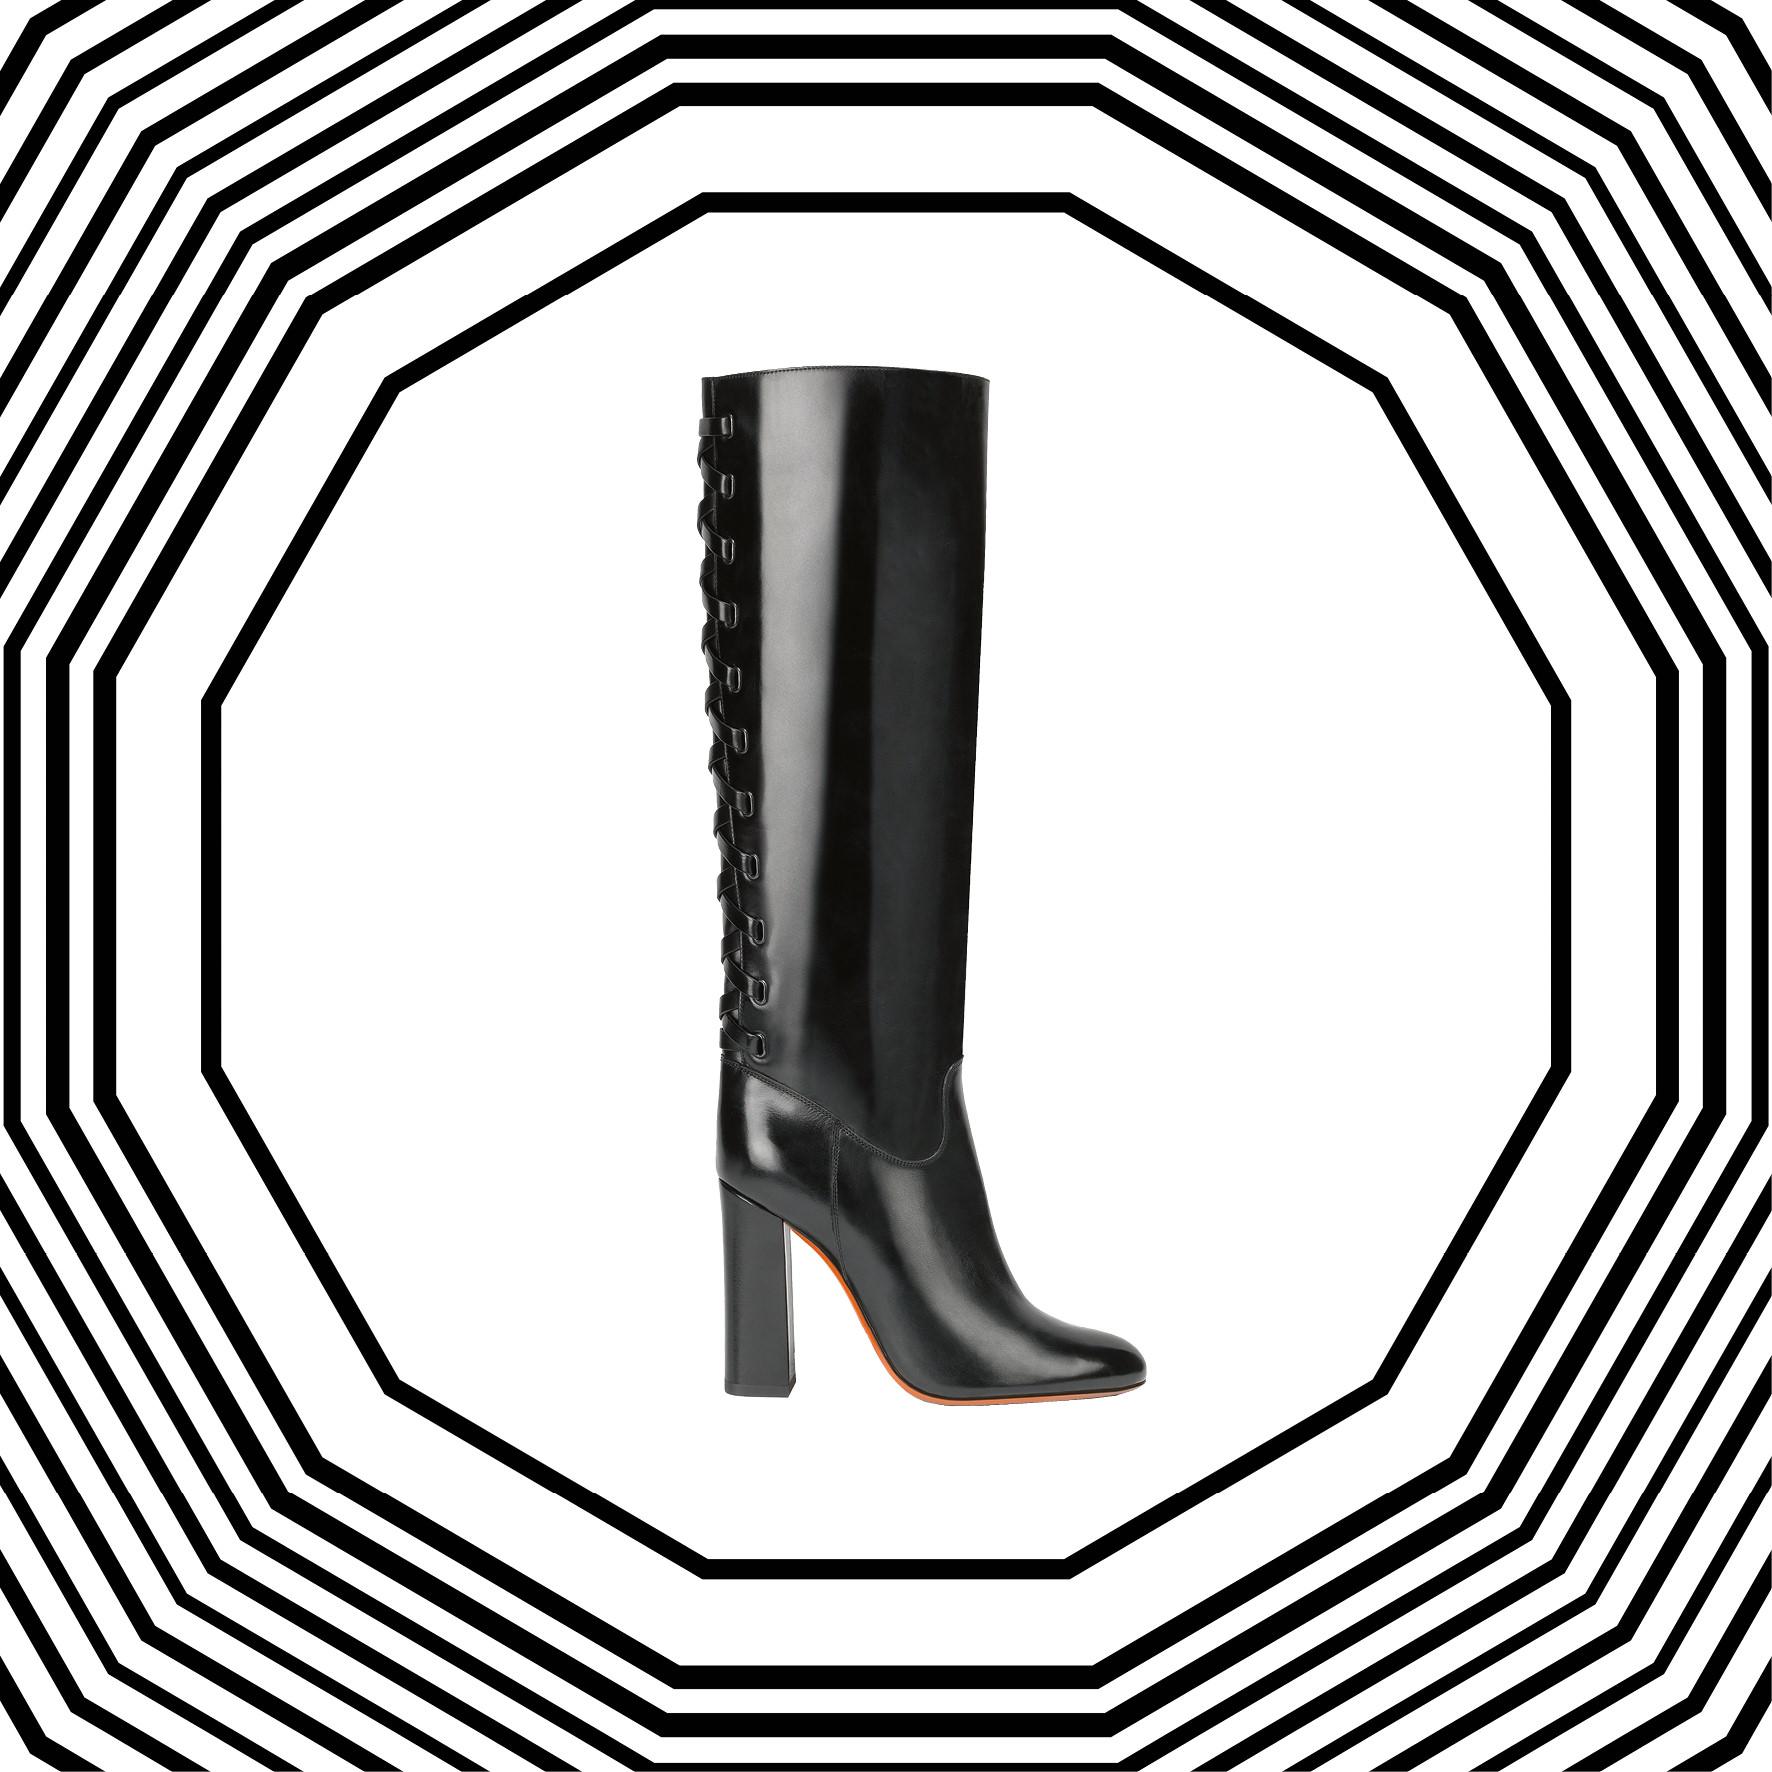 L'objet fétiche de la semaine : les bottes Santoni